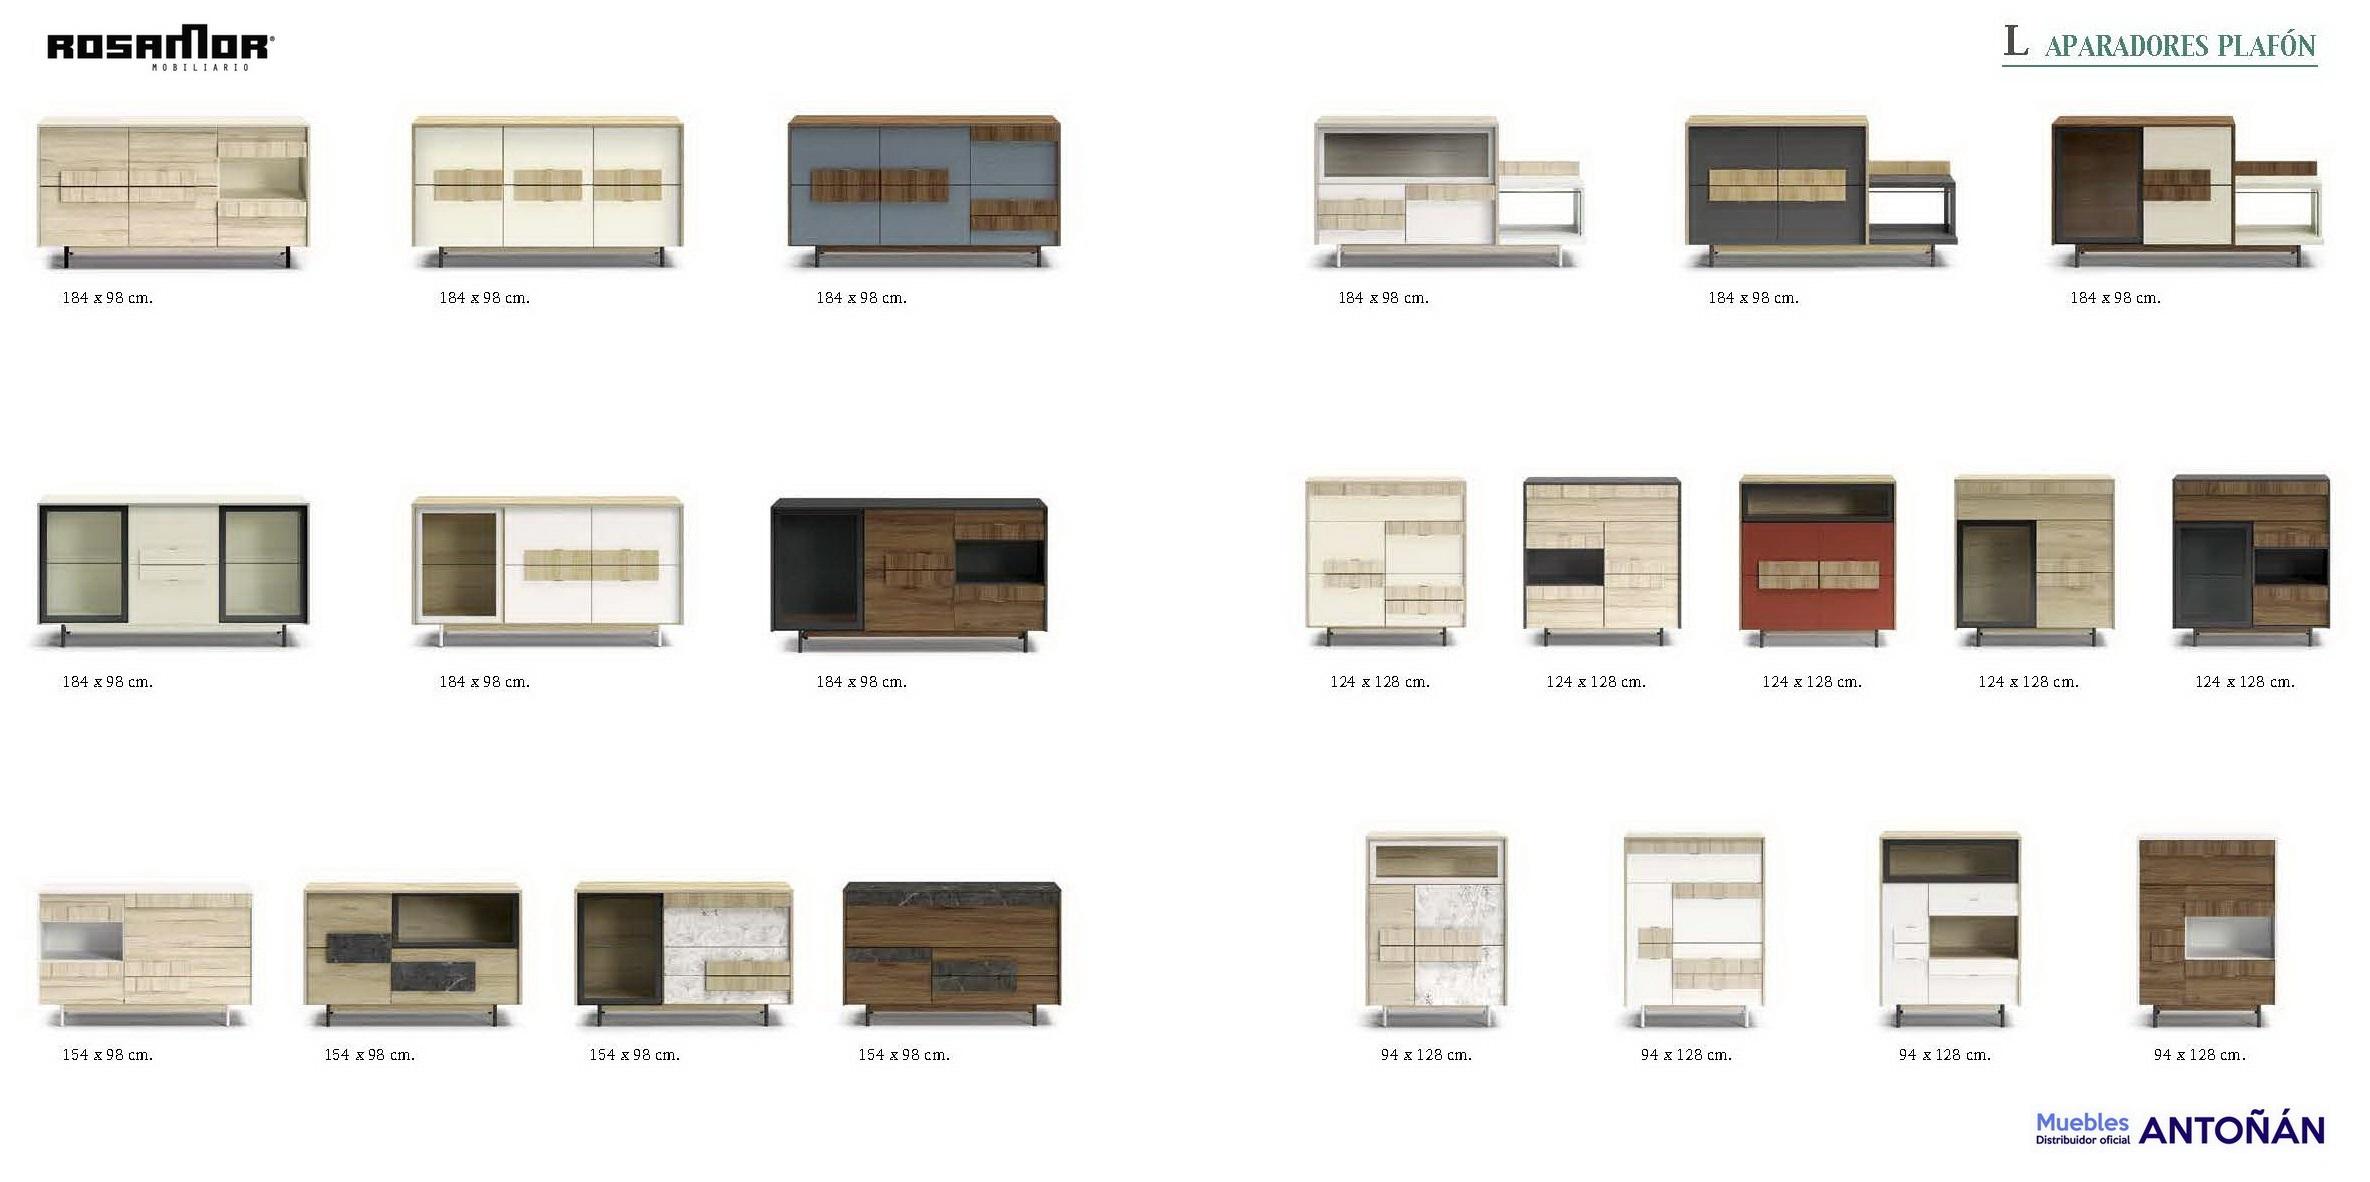 Resumen Aparadores Modernos by Rosamor 01 de venta en muebles antoñán® León